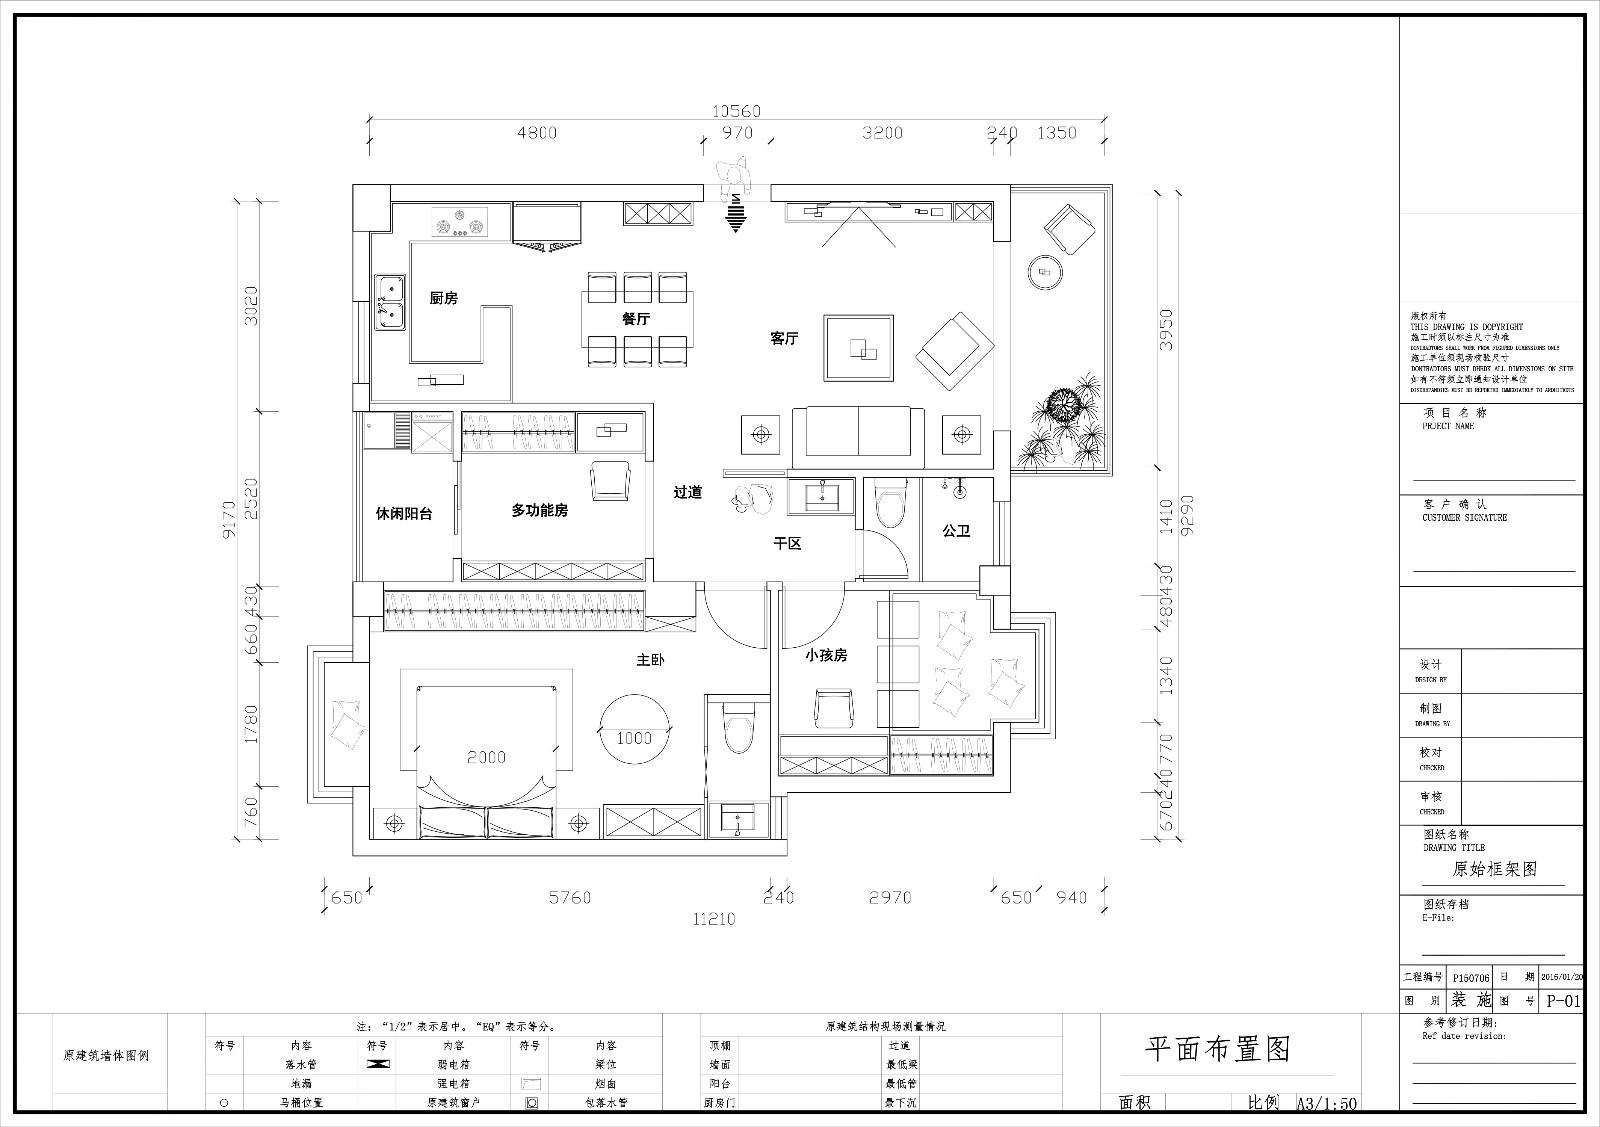 2021简约酒窖装修设计图片 2021简约地砖装饰设计